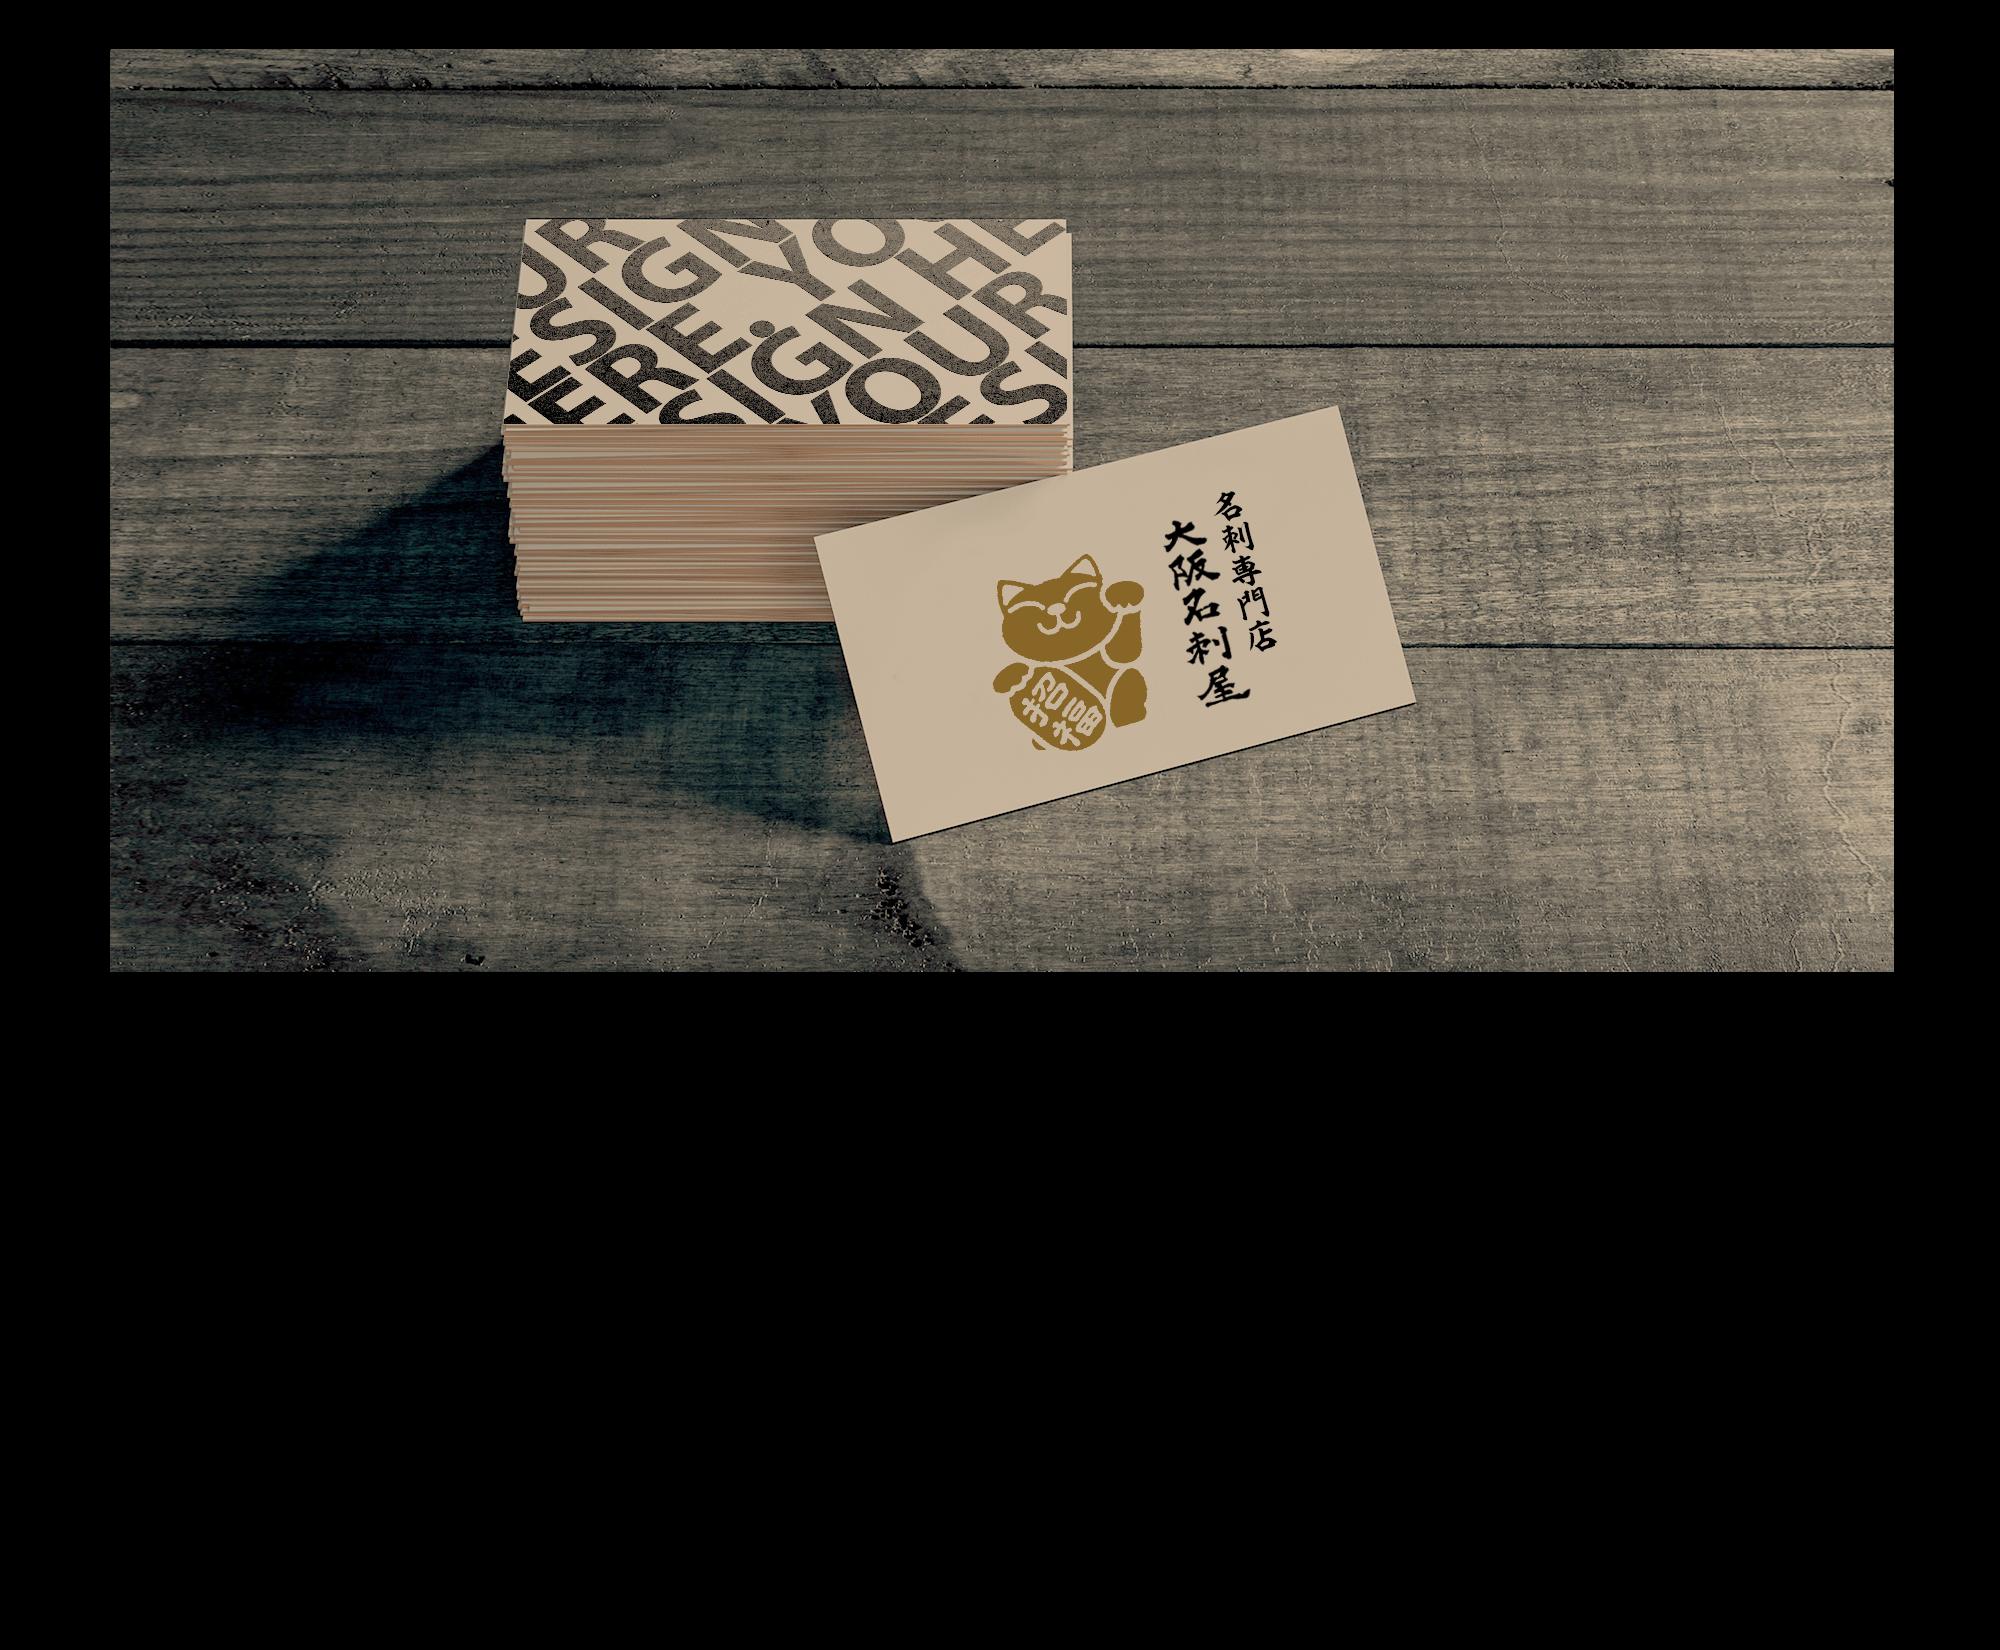 「パッ」と目につく!名刺制作なら、名刺専門店 大阪名刺屋 似顔絵・特殊印刷など、印象に残る名刺をお作りします